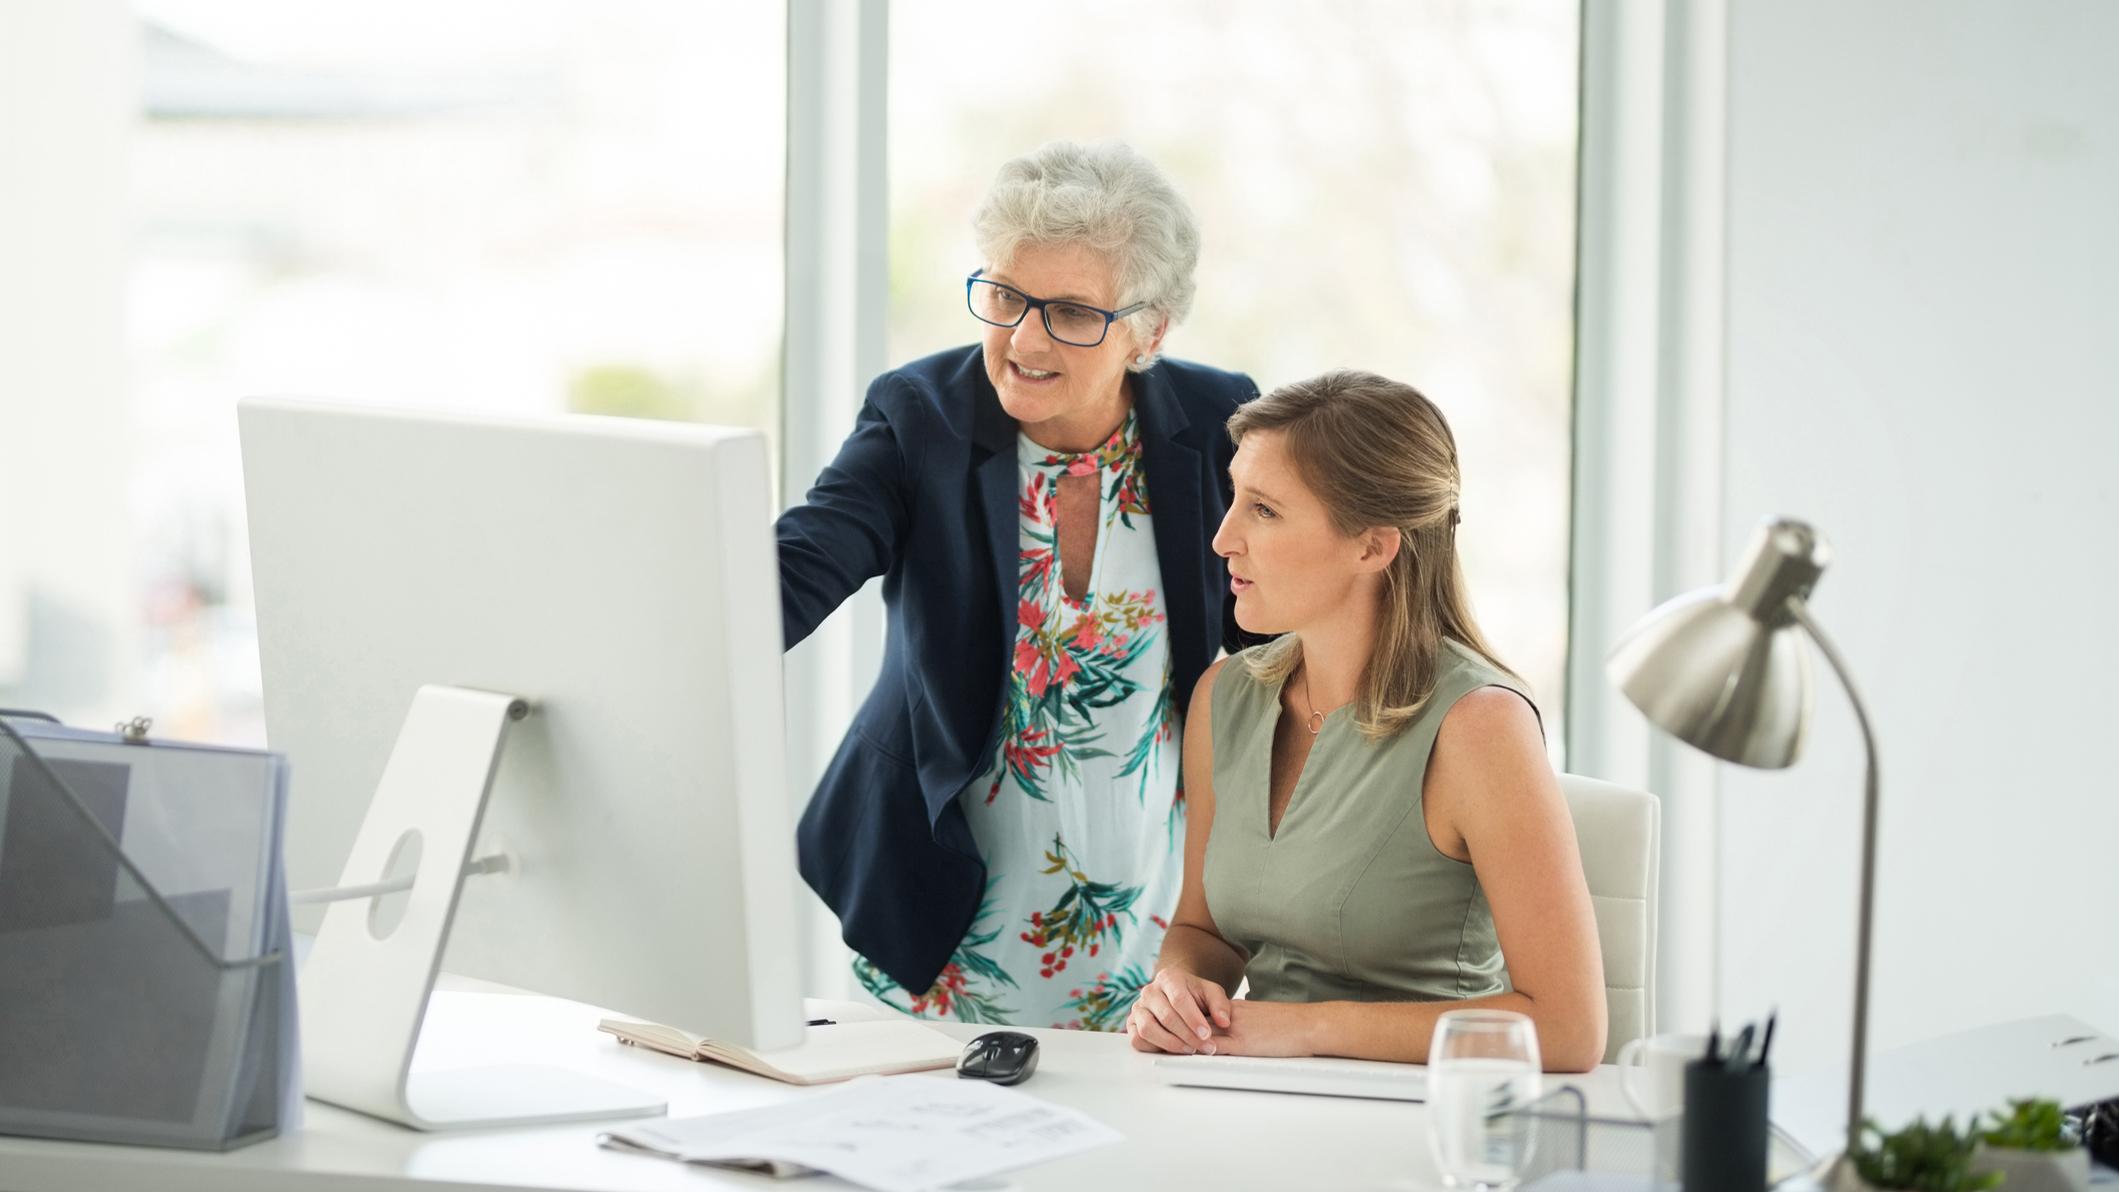 Yrittäjyys ja palkkatyö voivat vaihdella työuran aikana